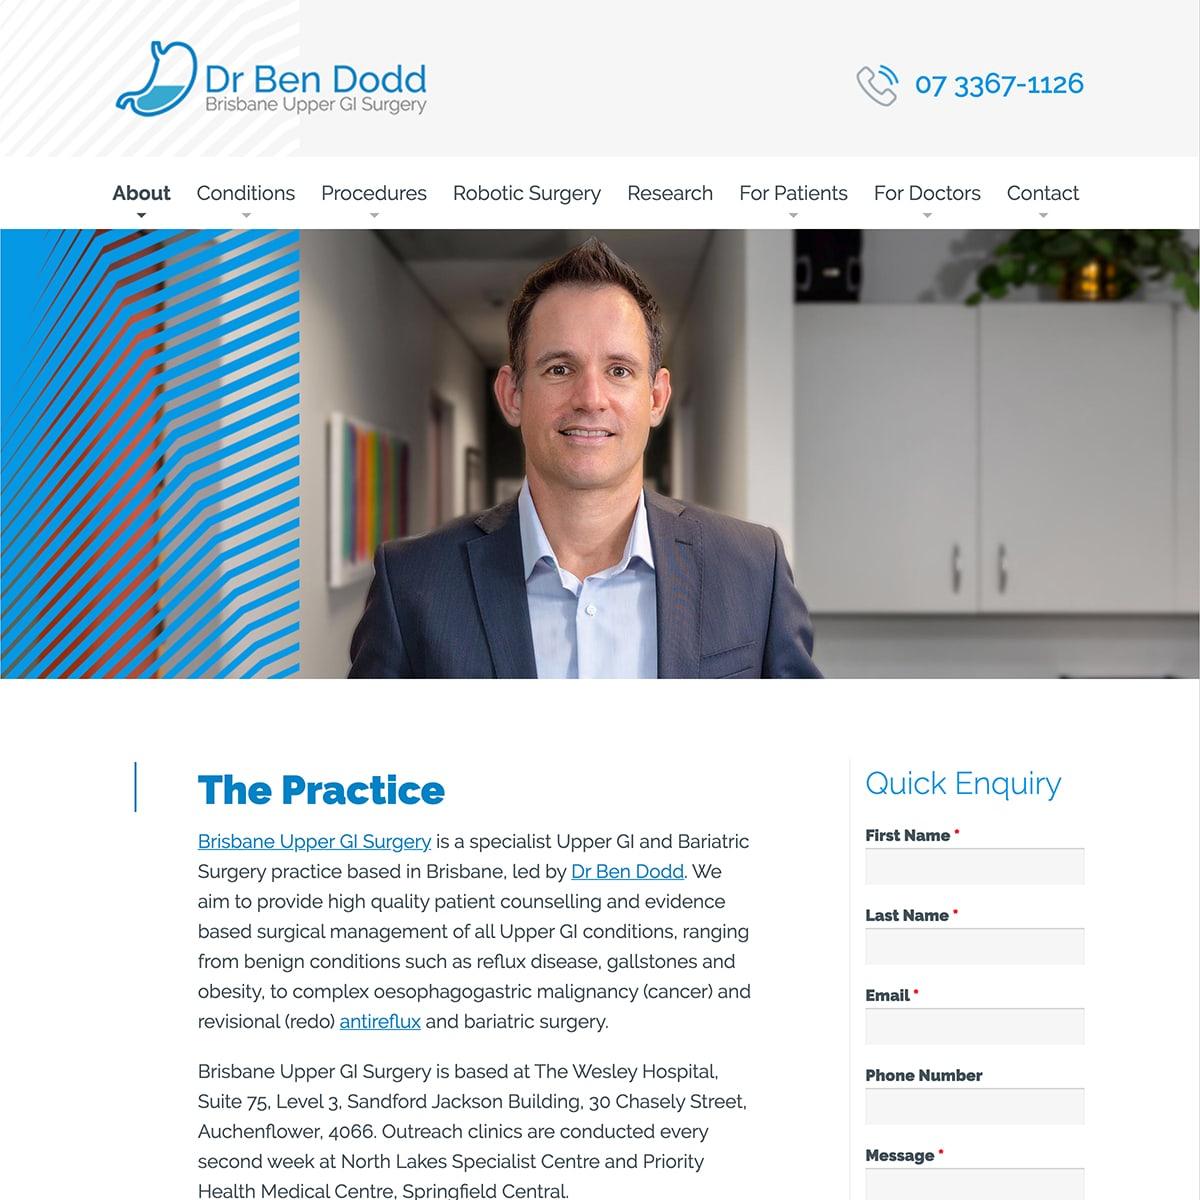 Dr Ben Dodd - The Practice